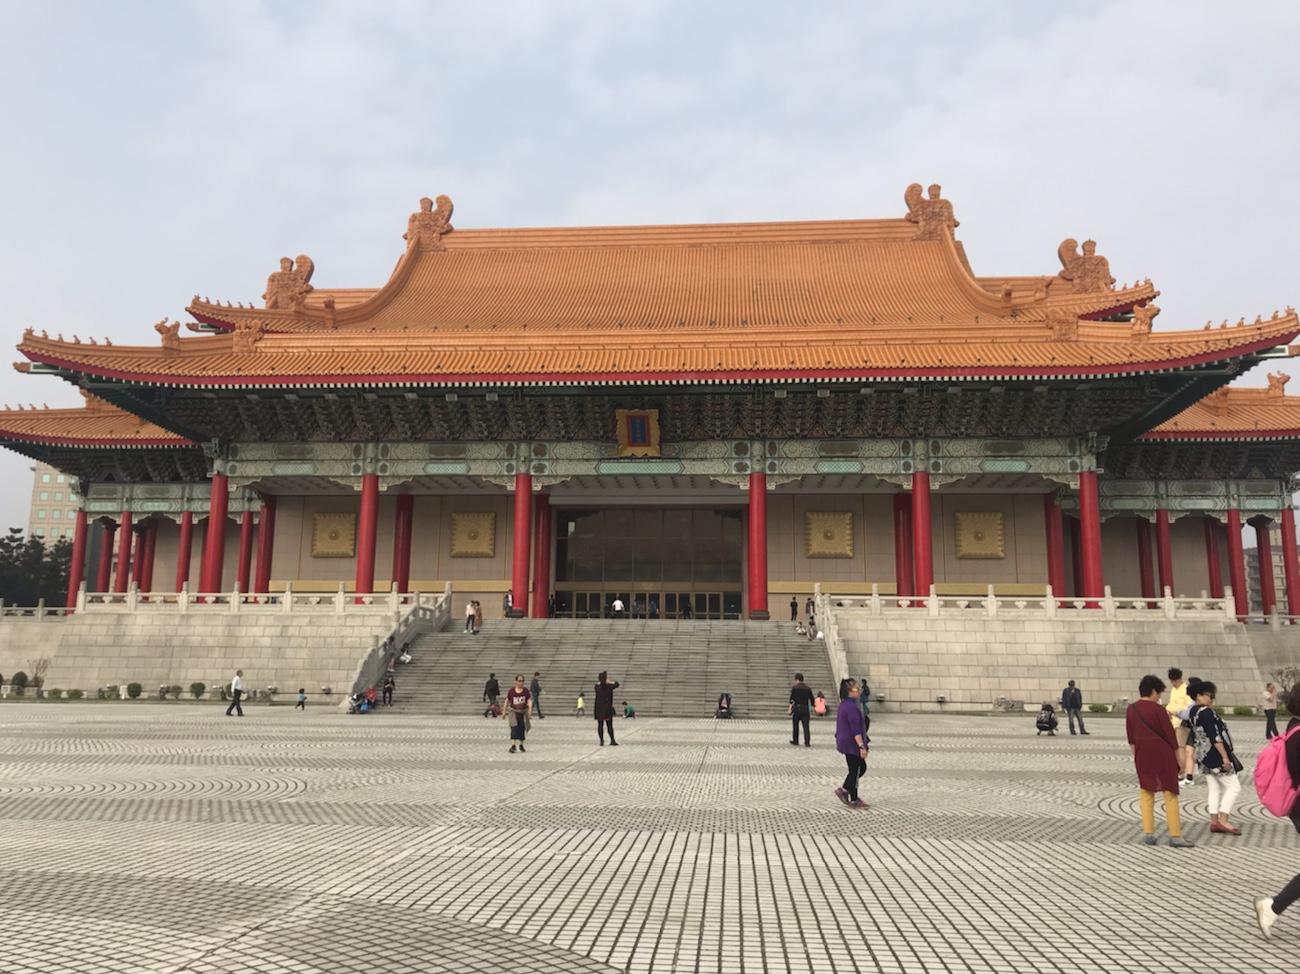 台北 中正記念堂の音楽堂